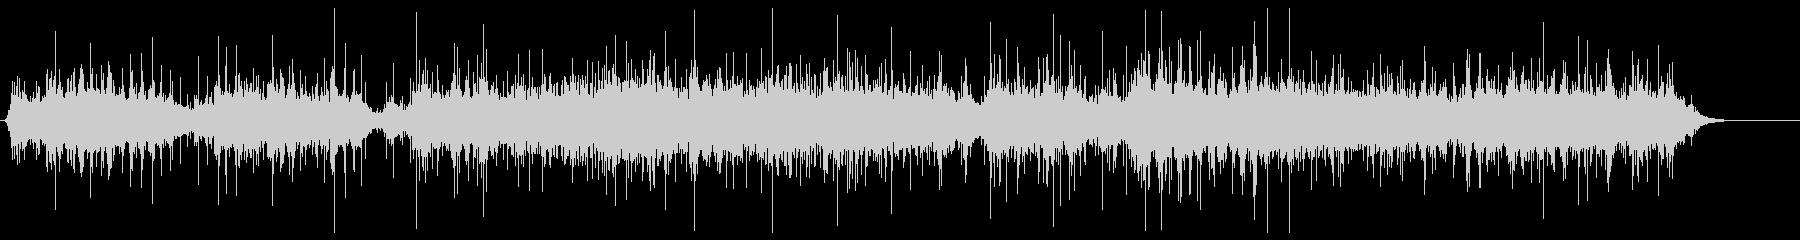 カラカラ 木の実 生演奏 リバーブの未再生の波形